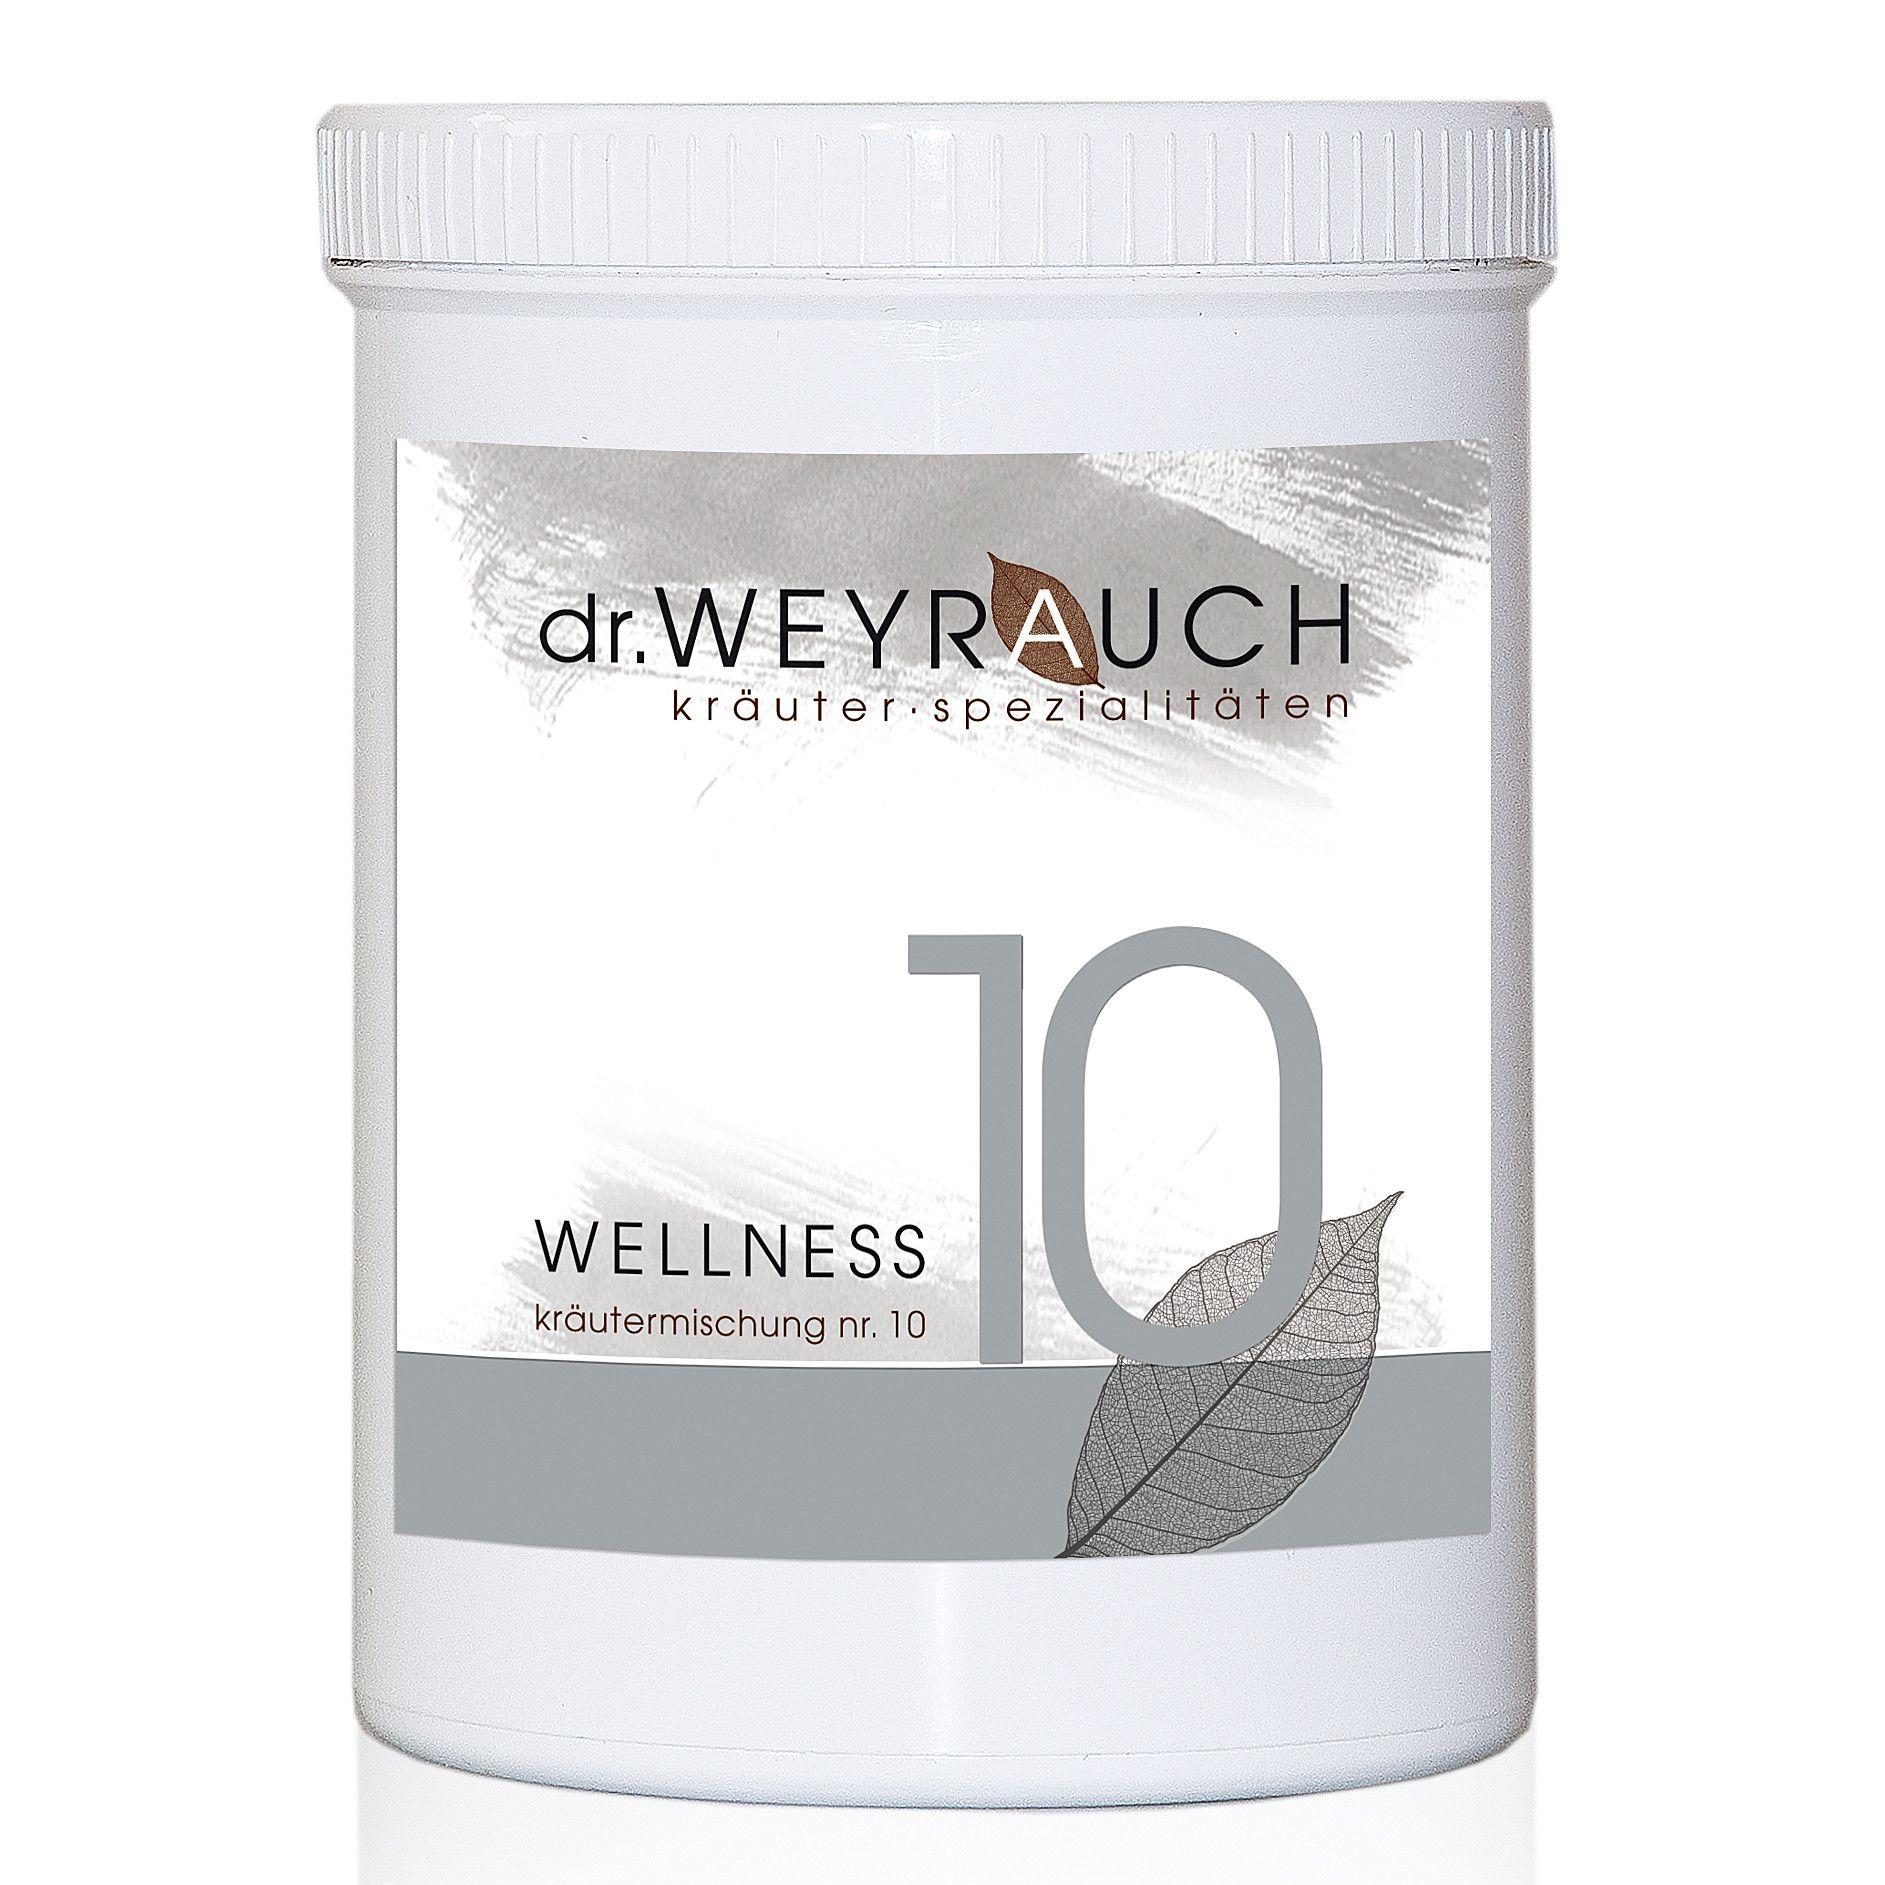 Dr. Weyrauch Nr. 10 Wellness